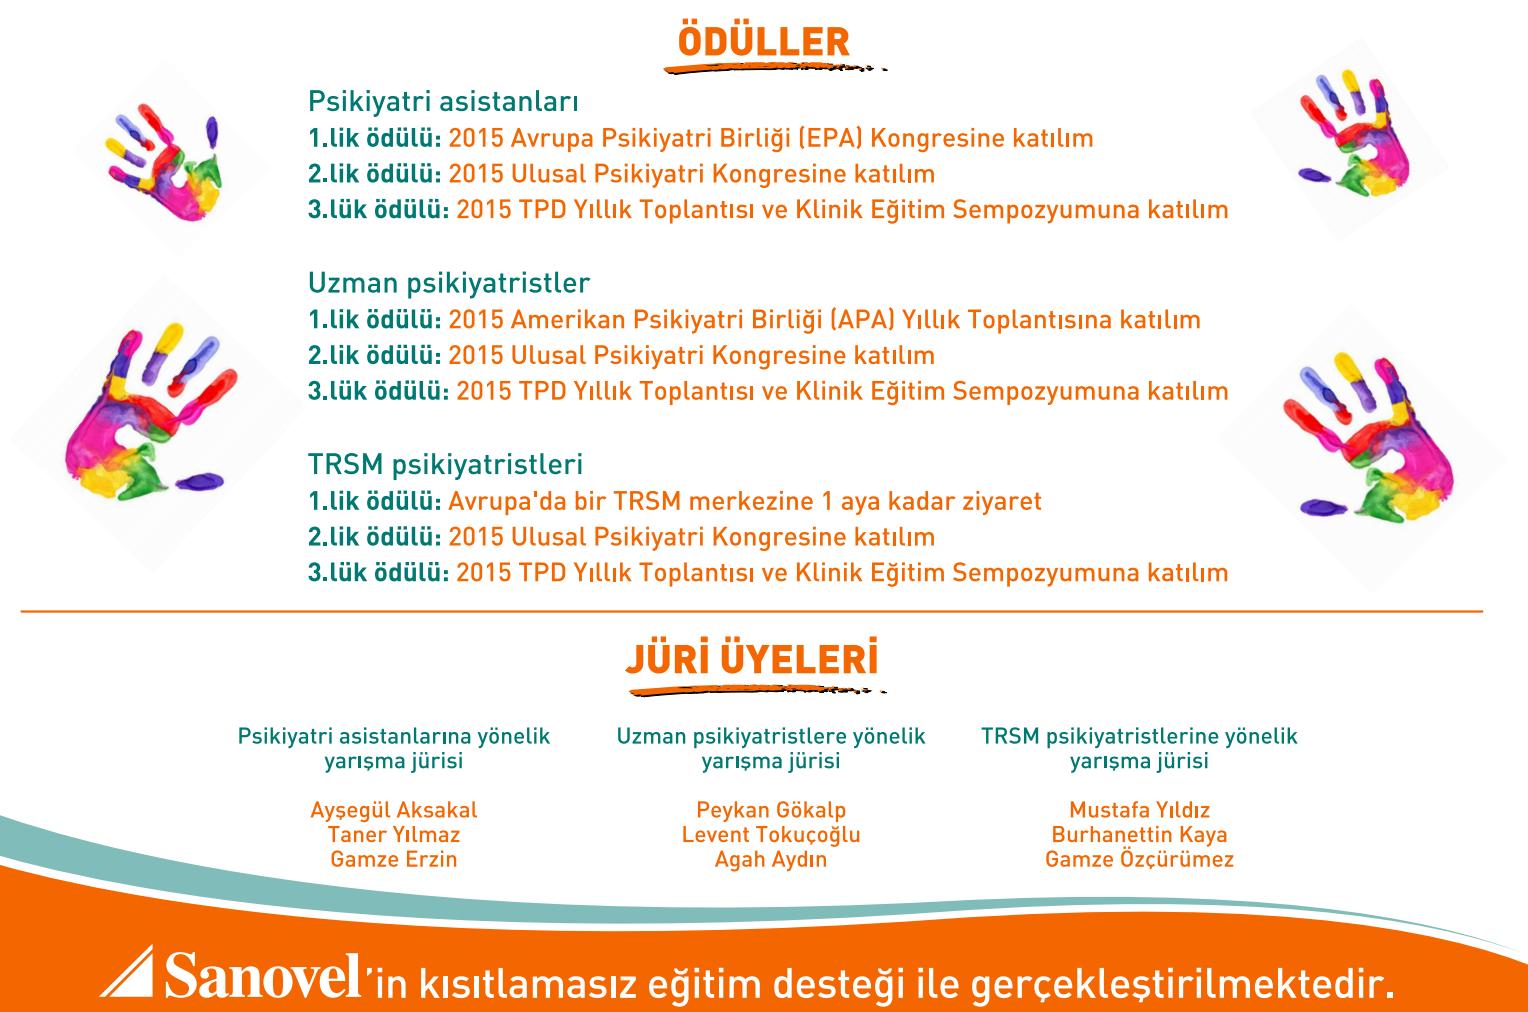 Türkiye Psikiyatri, Derneği (TPD)